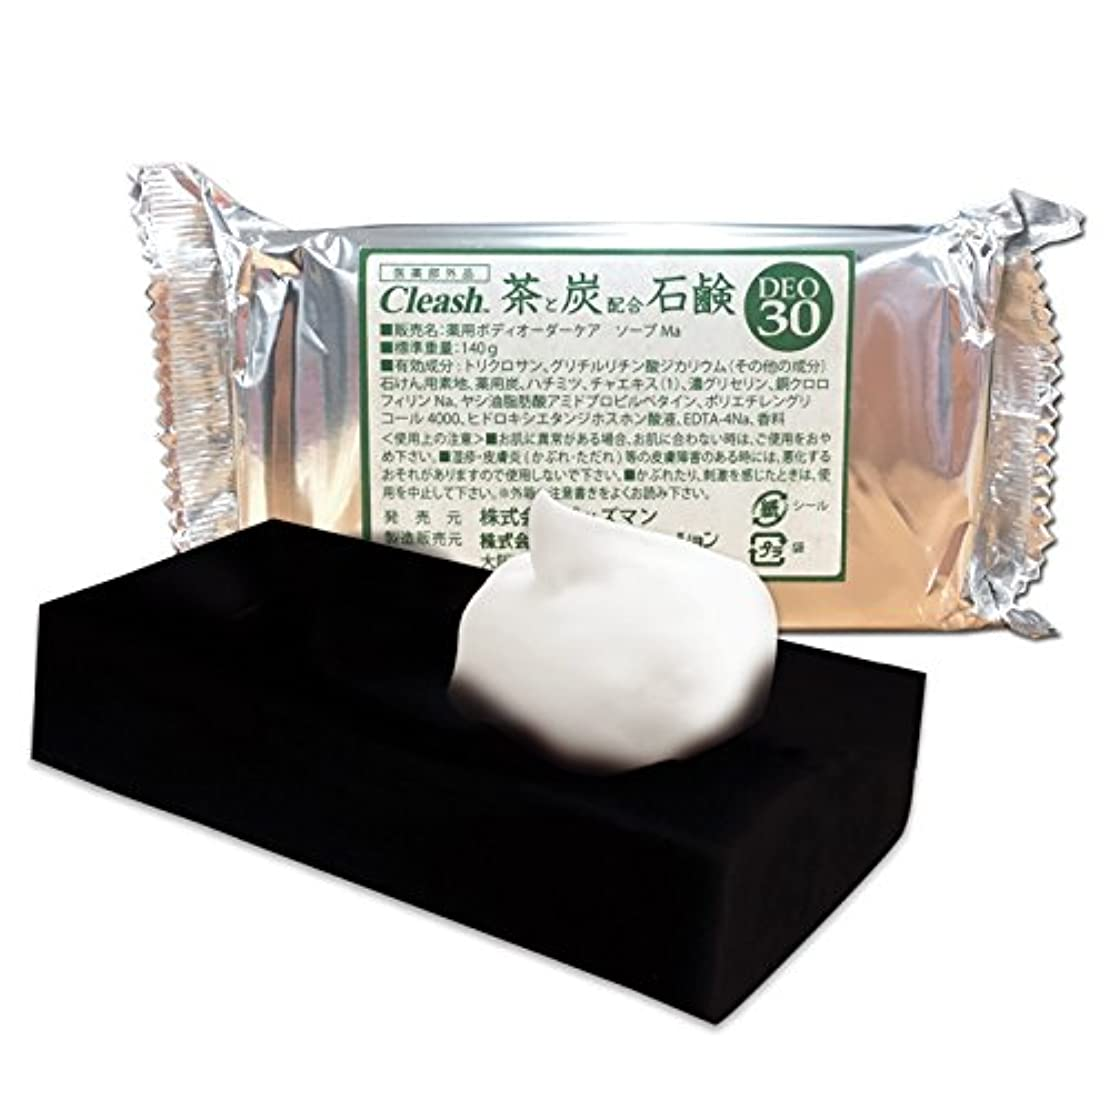 クリアッシュ 薬用 炭茶石鹸 (医薬部外品)